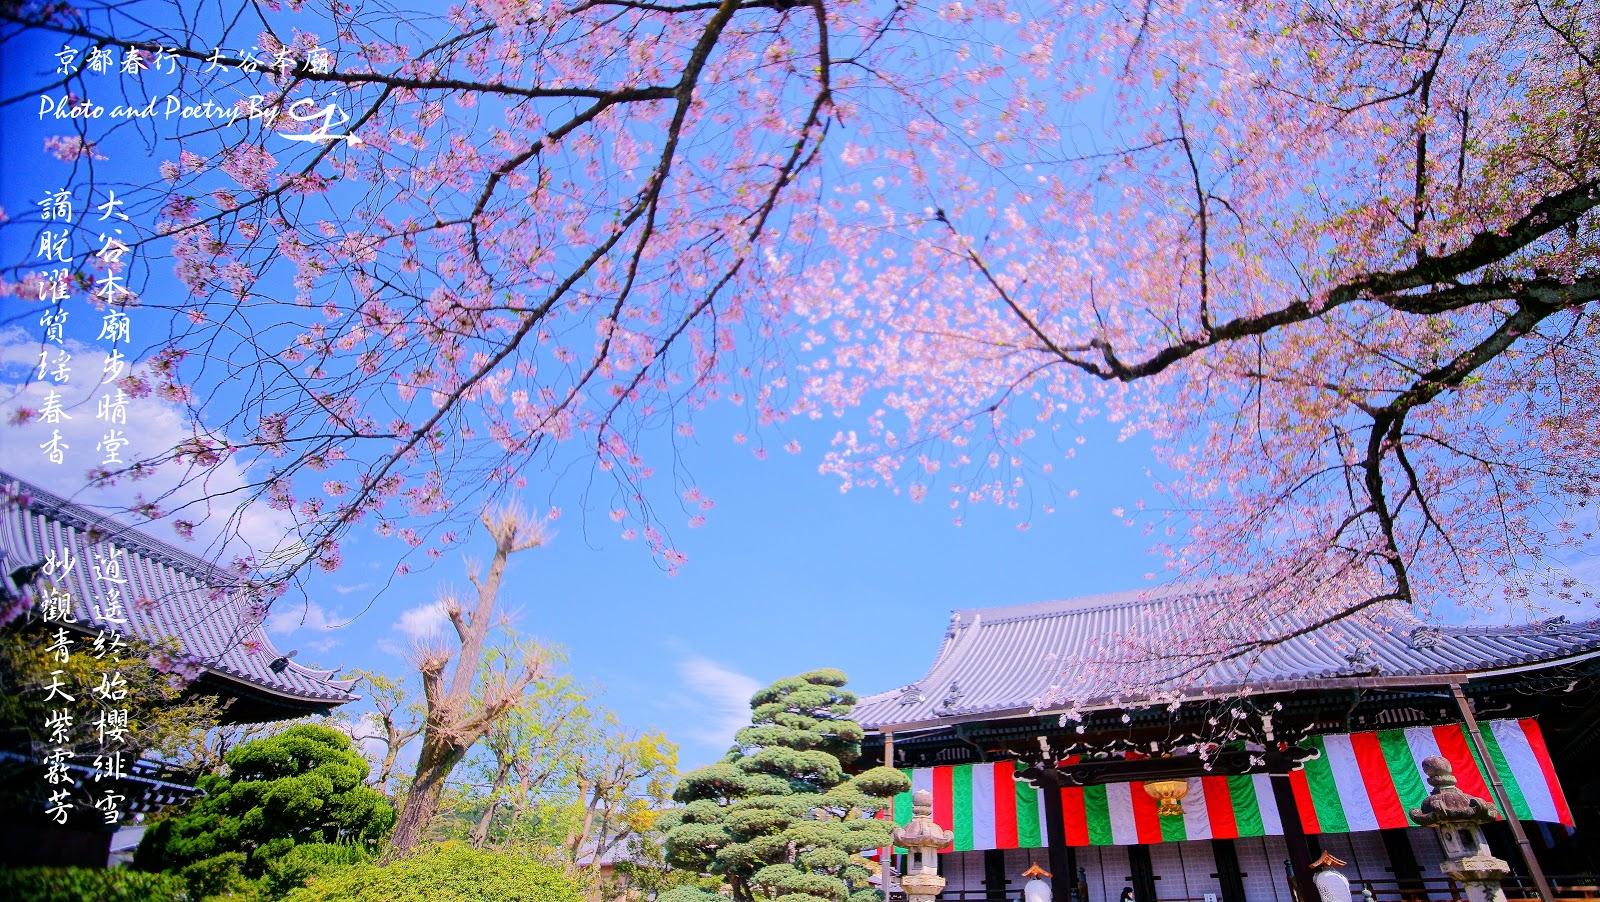 大谷本廟とは - goo Wikipedia (ウィキペディア)